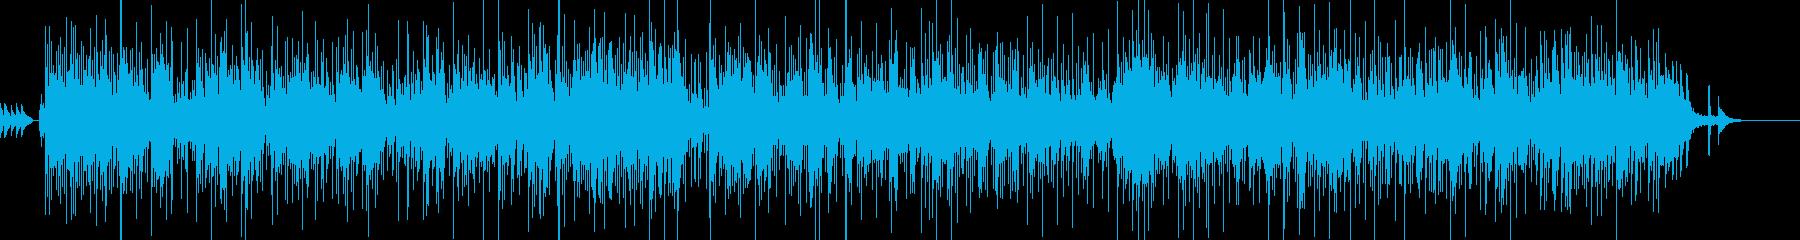 ポップなバンドサウンドのバースデーソングの再生済みの波形